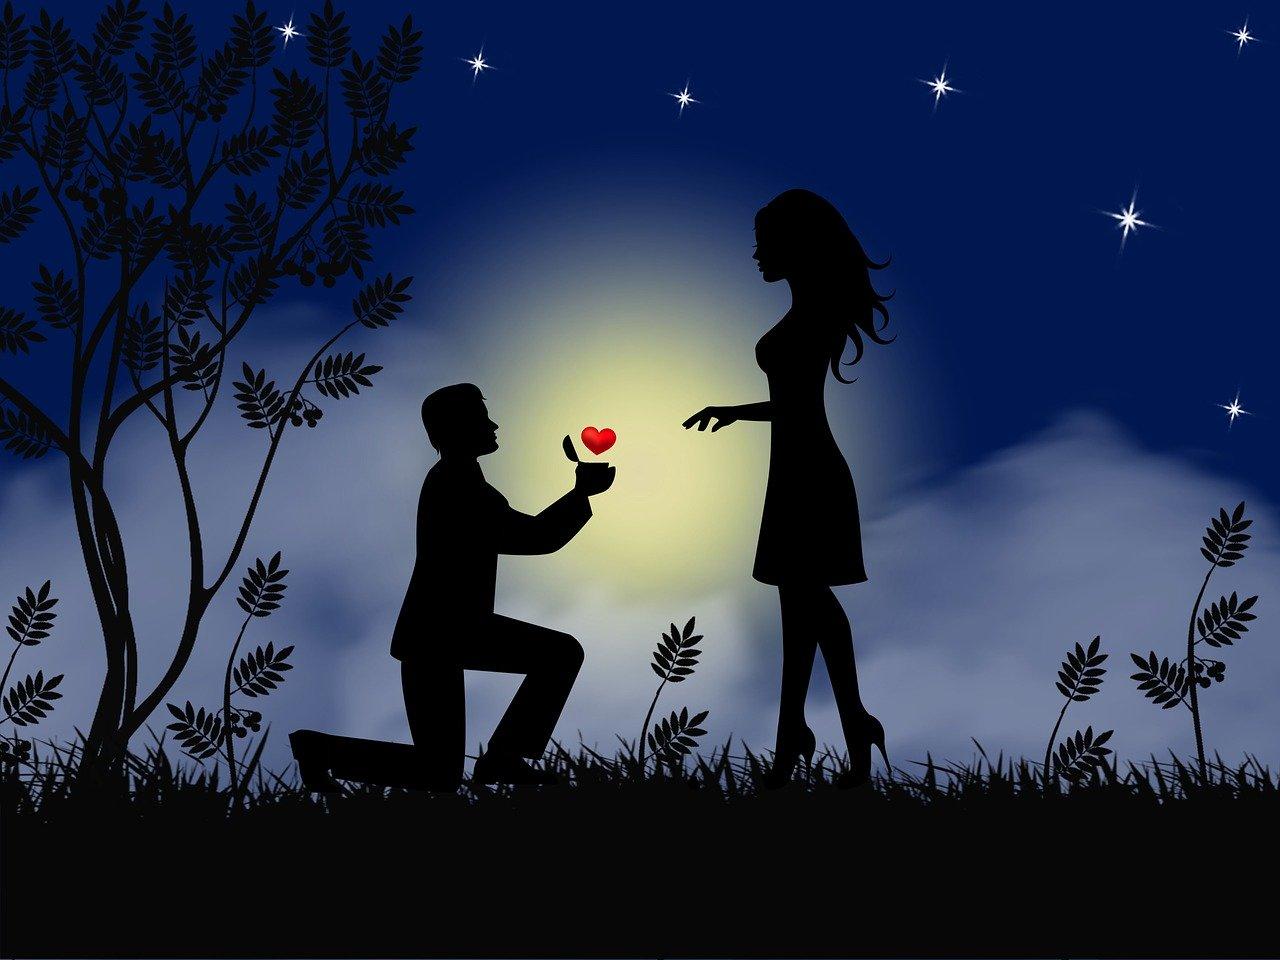 Comment faire la demande de mariage idéale?